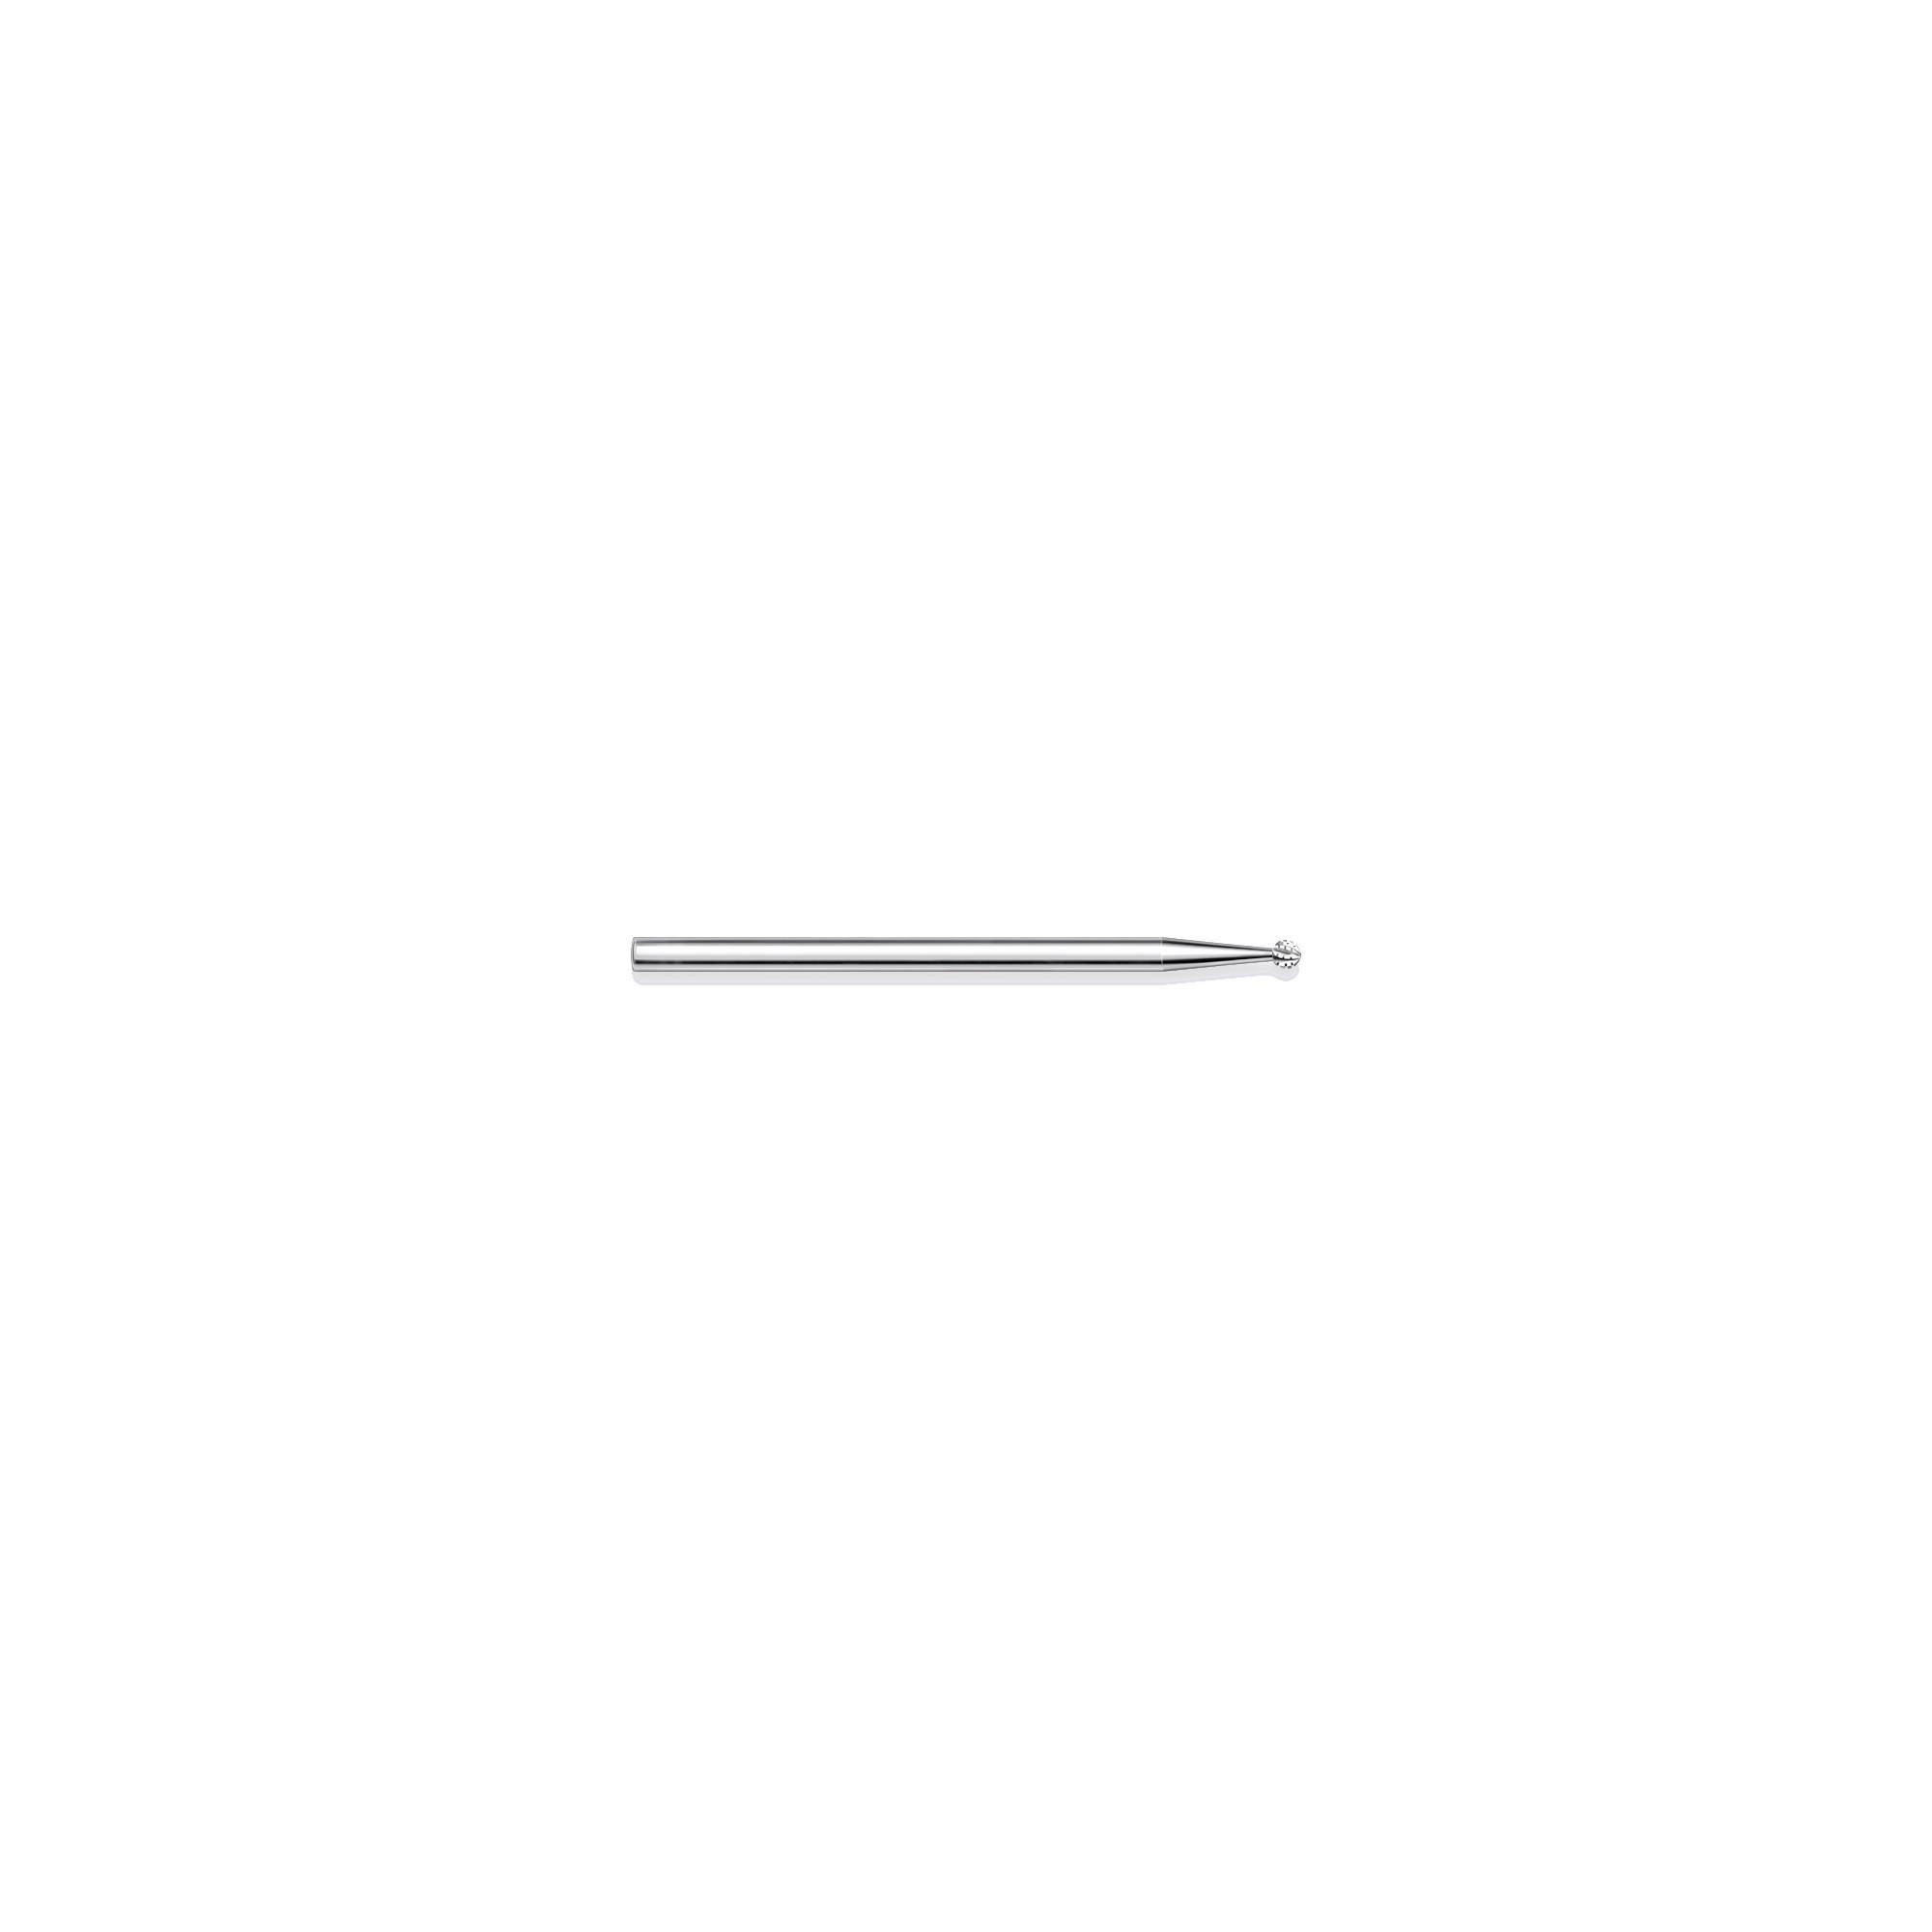 Fraise 11RS - Acier inoxydable - Enucléation des cors - 2,1 mm